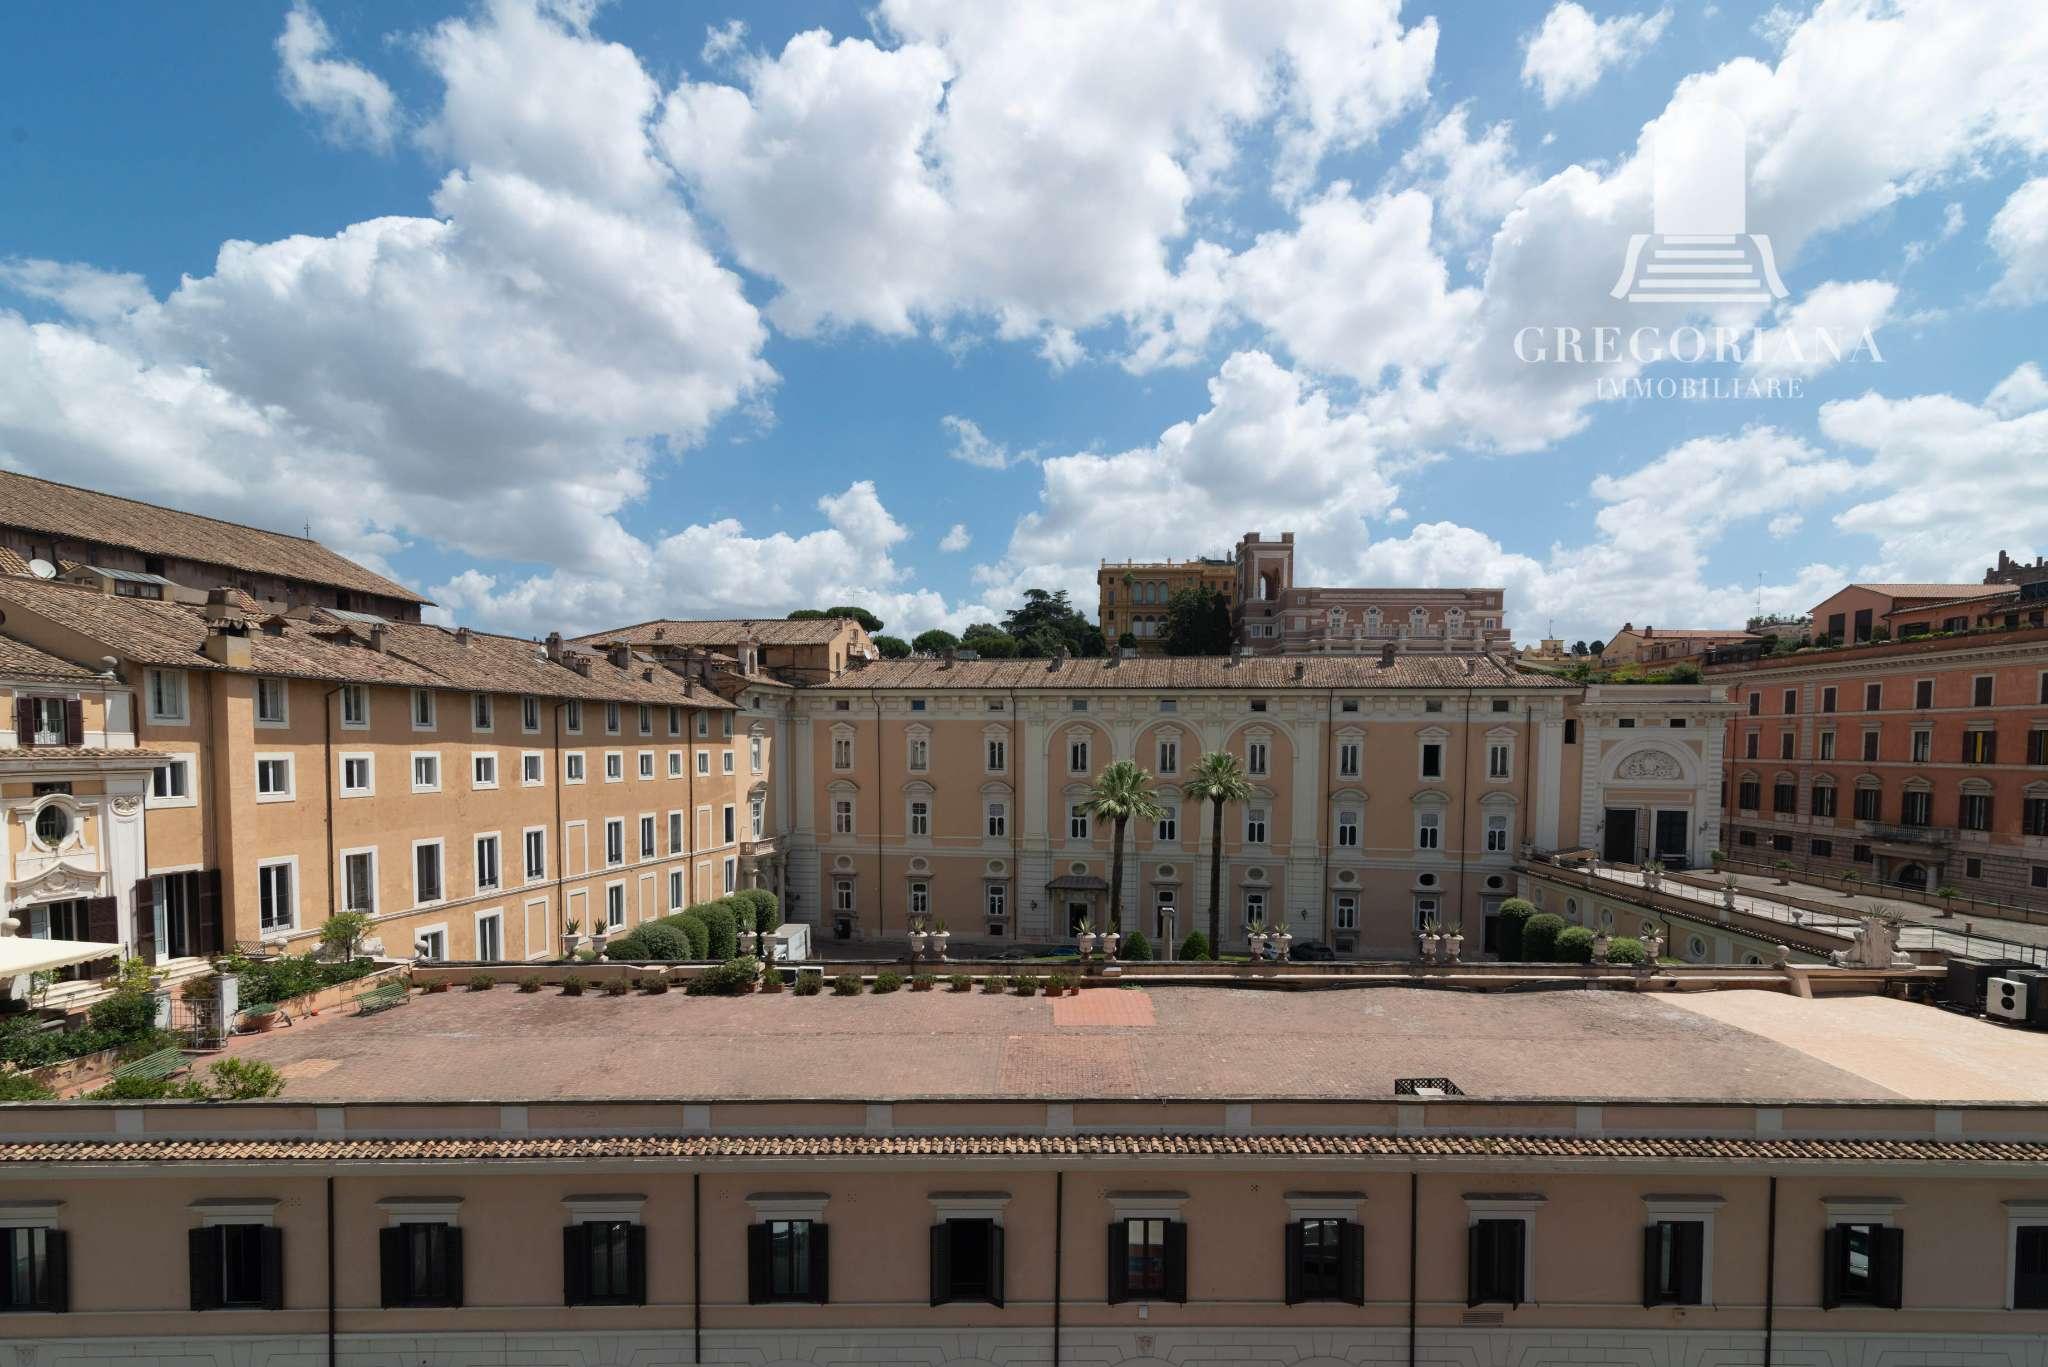 Appartamento in vendita a Roma, 15 locali, zona Zona: 1 . Centro storico, prezzo € 4.800.000 | CambioCasa.it